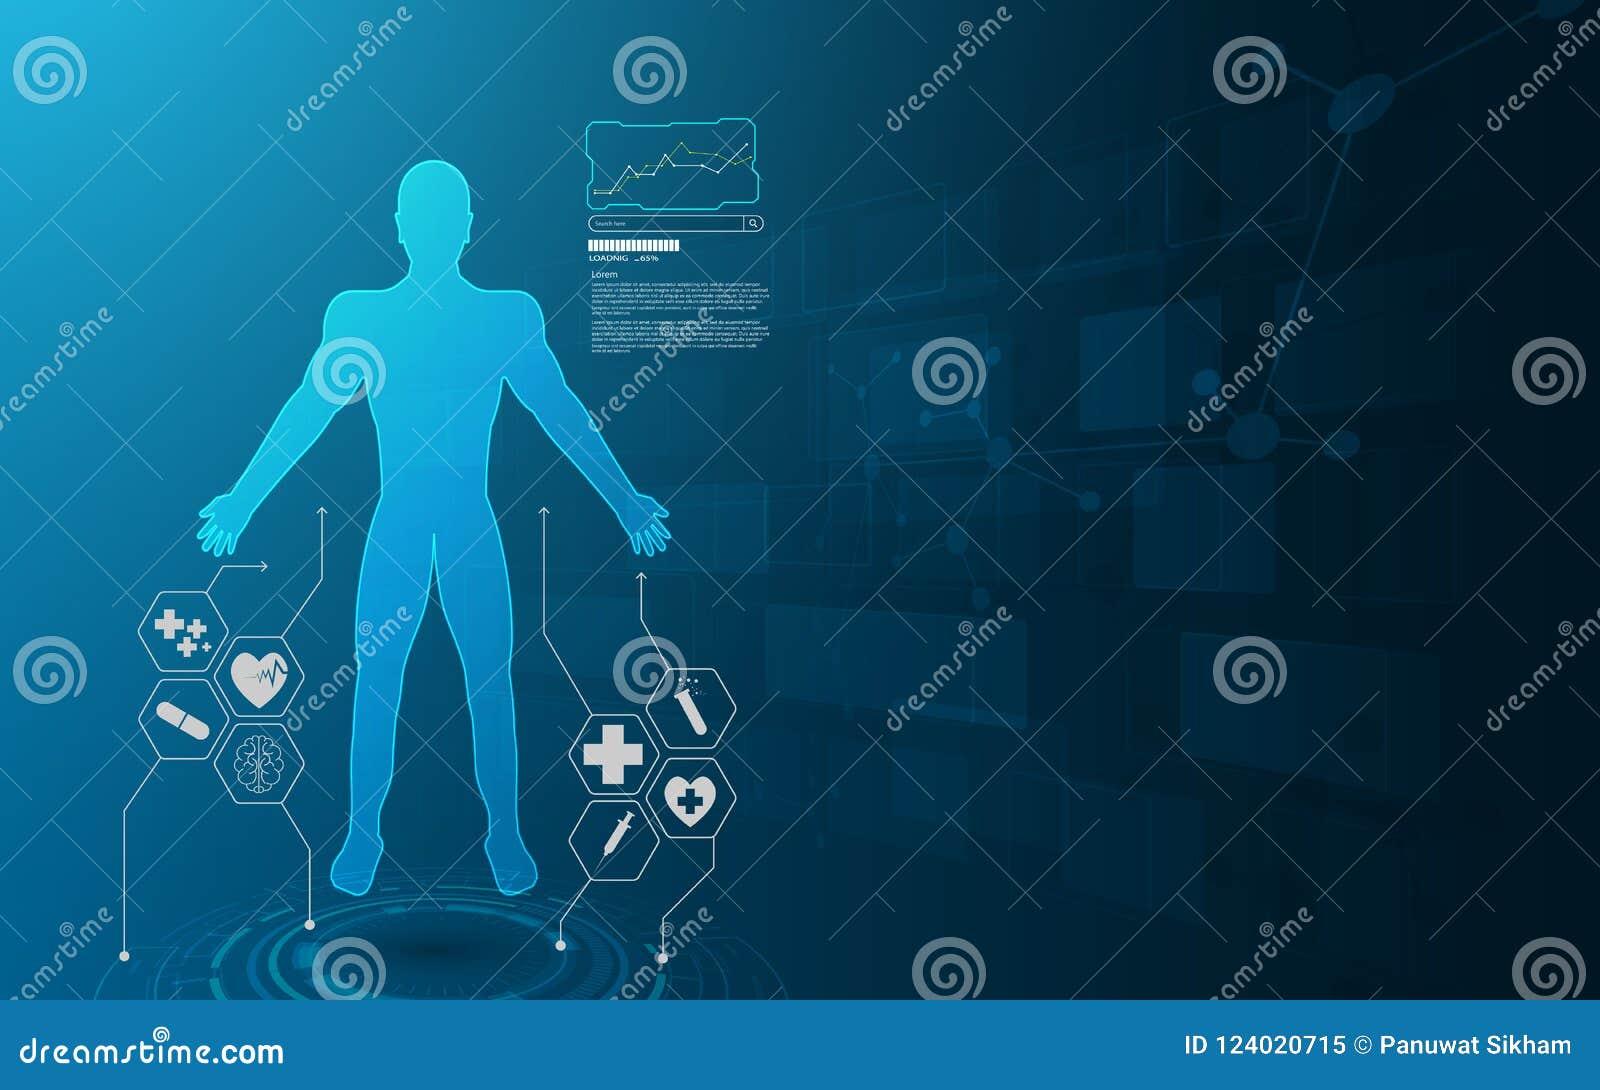 Innovat virtual de la atención sanitaria del sistema futuro del holograma del interfaz de Hud